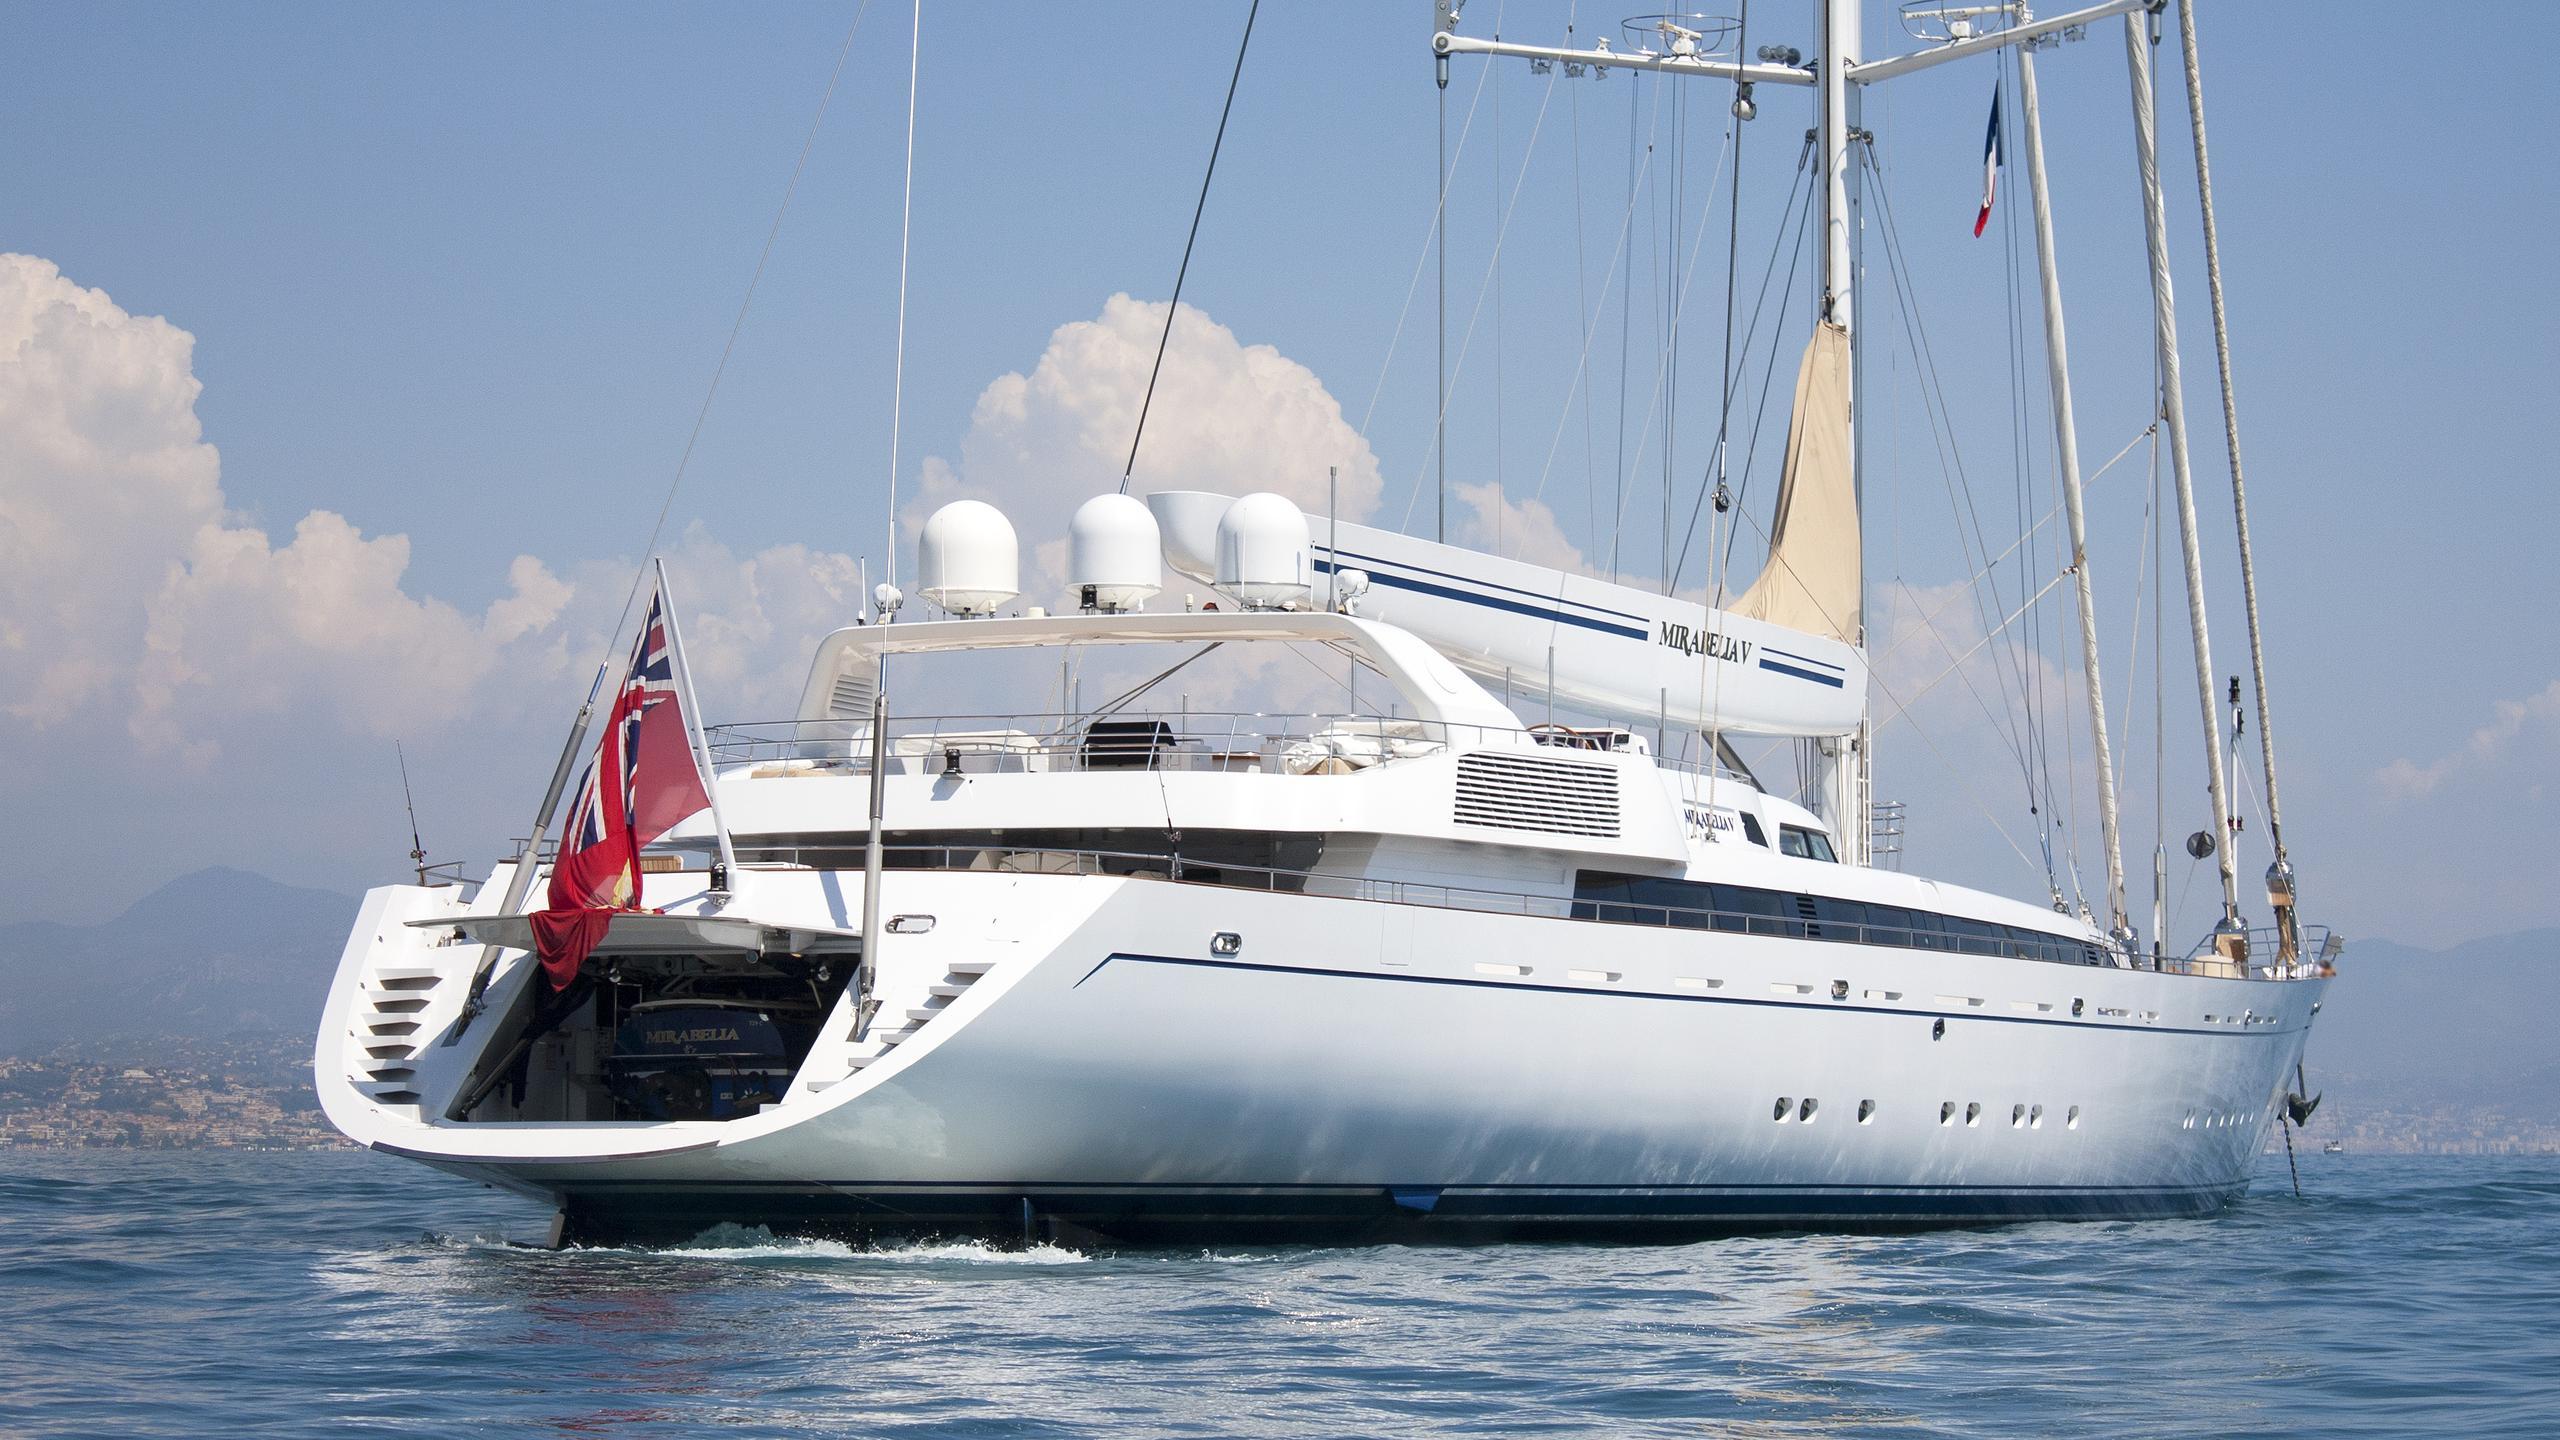 m5-sailing-yacht-vosper-thornycroft-2004-79m-stern-before-refit